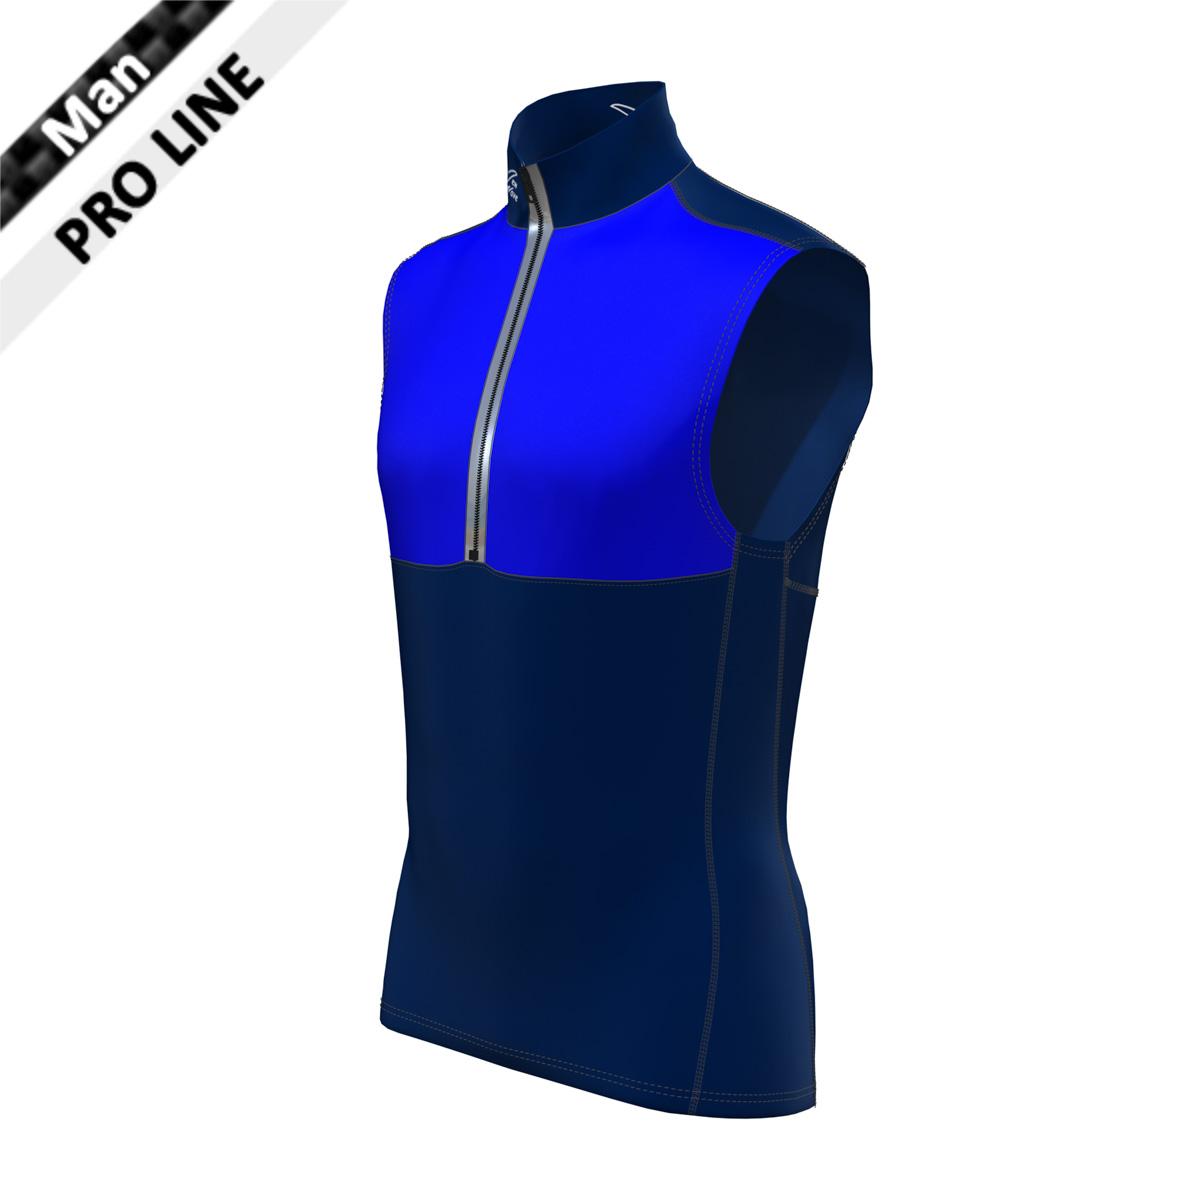 Pro Vest Man - navy / royal (Kragen, Bauch, Rücken, Seitenstreifen - marine; Brust royal)